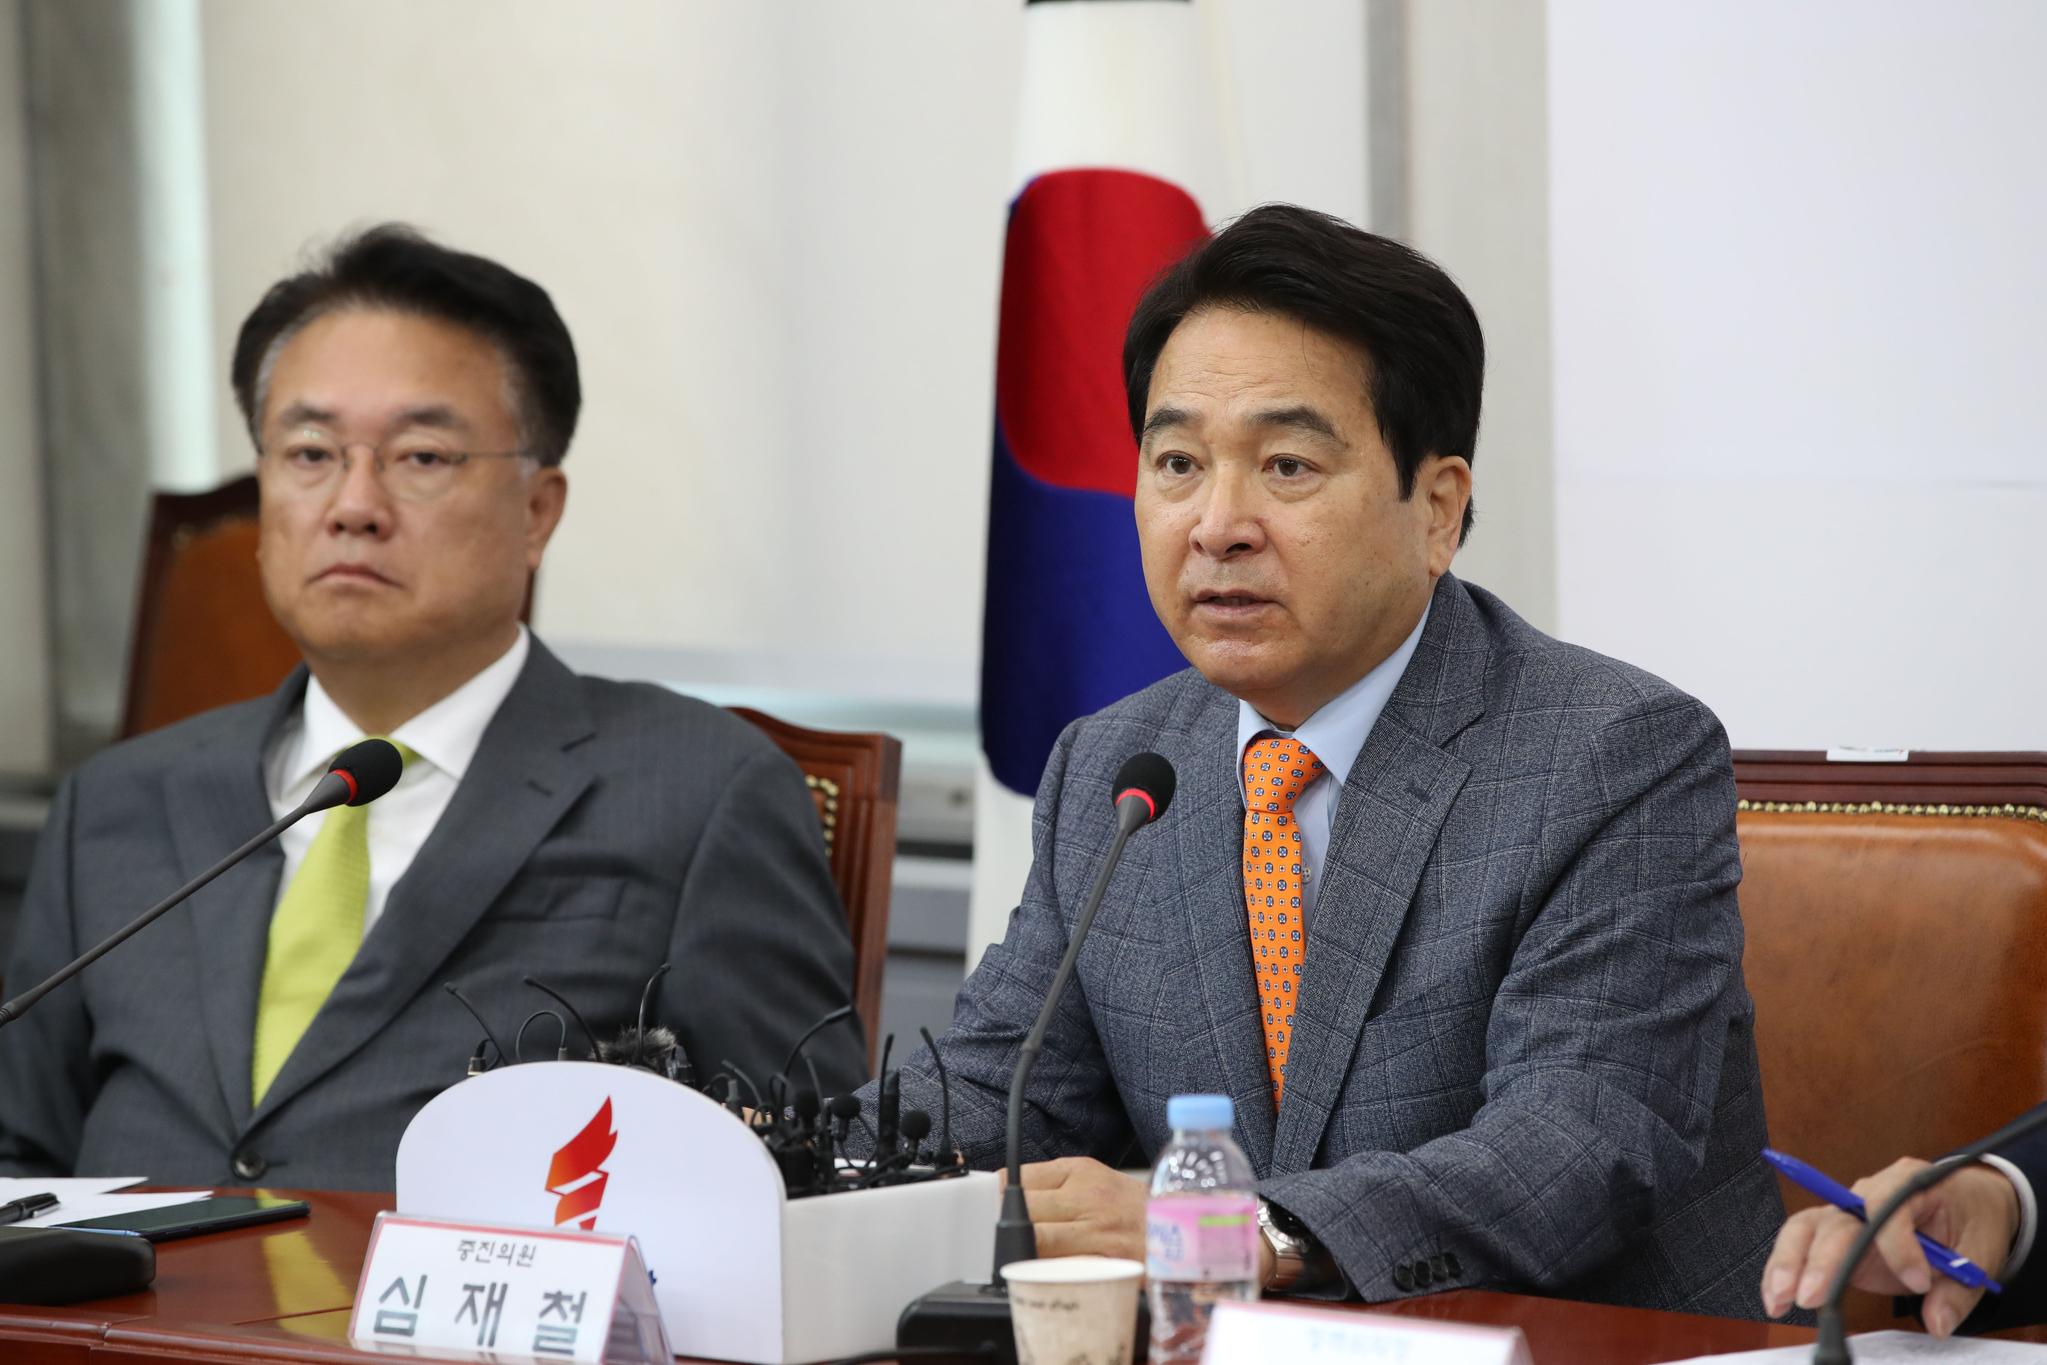 심재철 자유한국당 의원이 8일 국회에서 열린 원내대표-중진의원 회의에 참석해 발언하고 있다. [중앙포토]